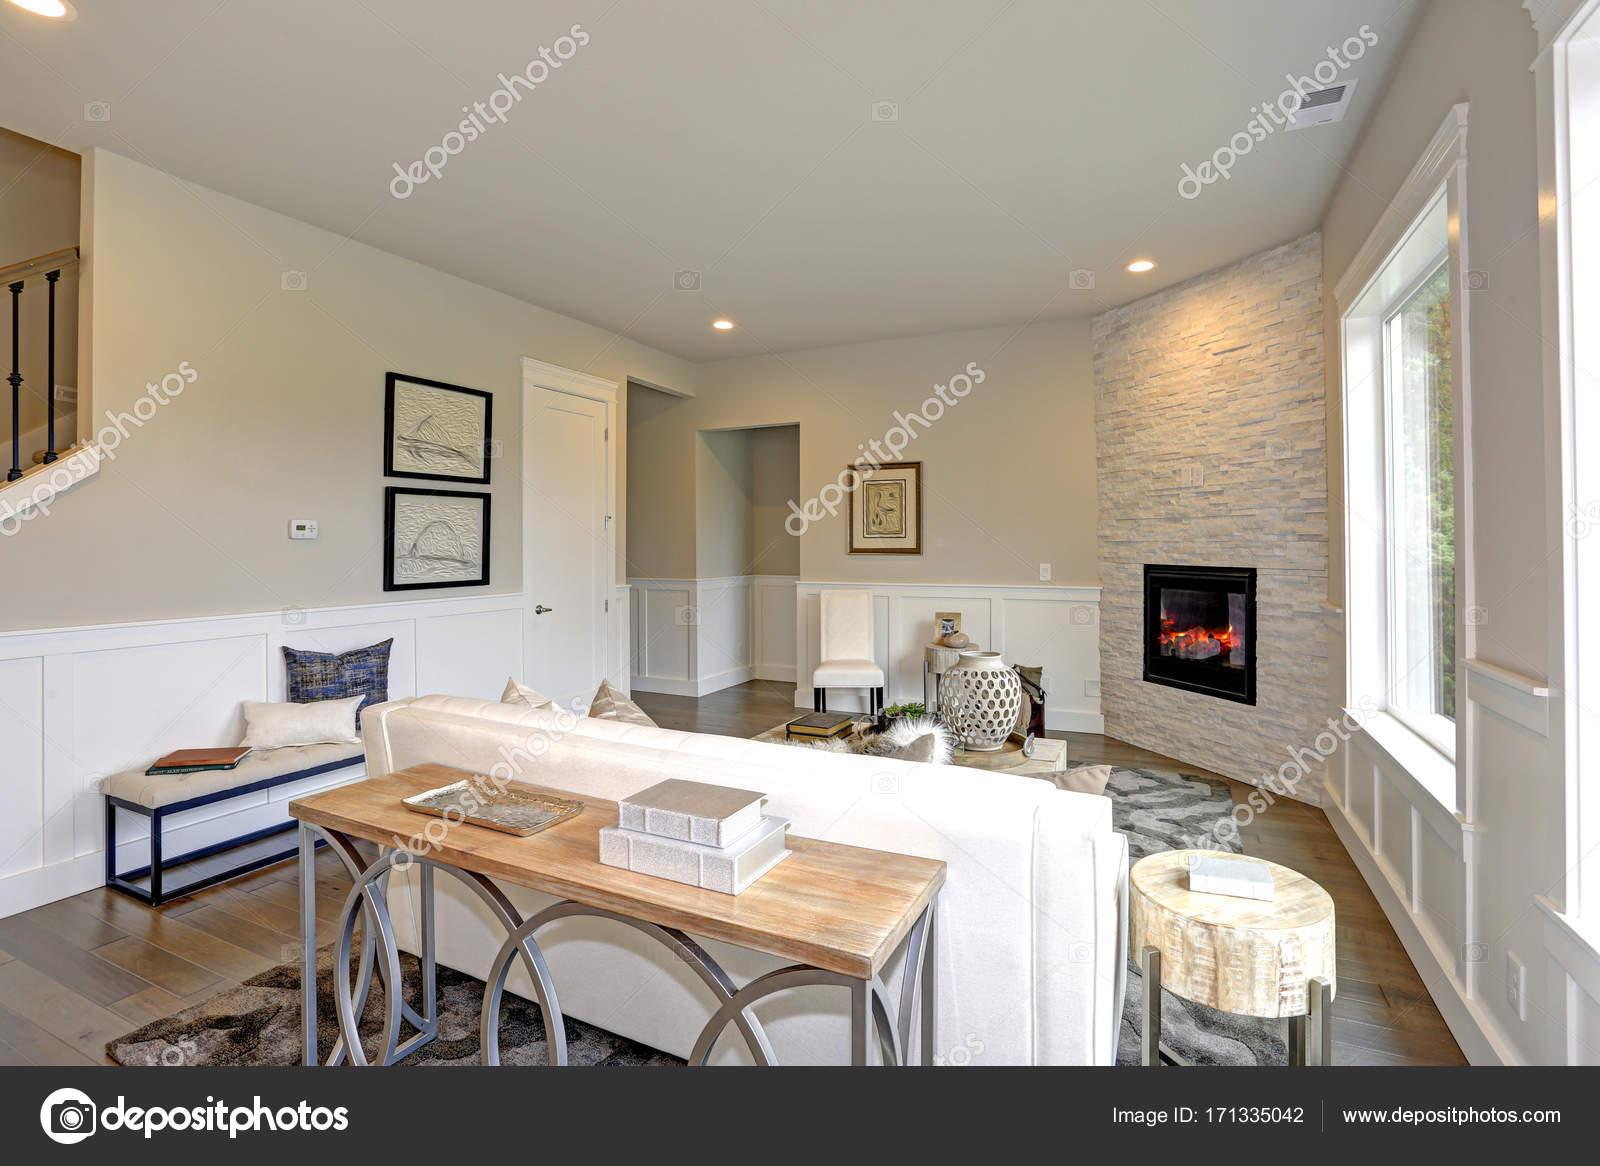 Entspannende Weiße Wohnzimmer In Einem Luxus Neue Bau Haus Verfügt über  Ecke Stein Kamin Gesäumt Von Tan Wände, Akzentuiert Mit Niedrigeren Wand  Weiß ...